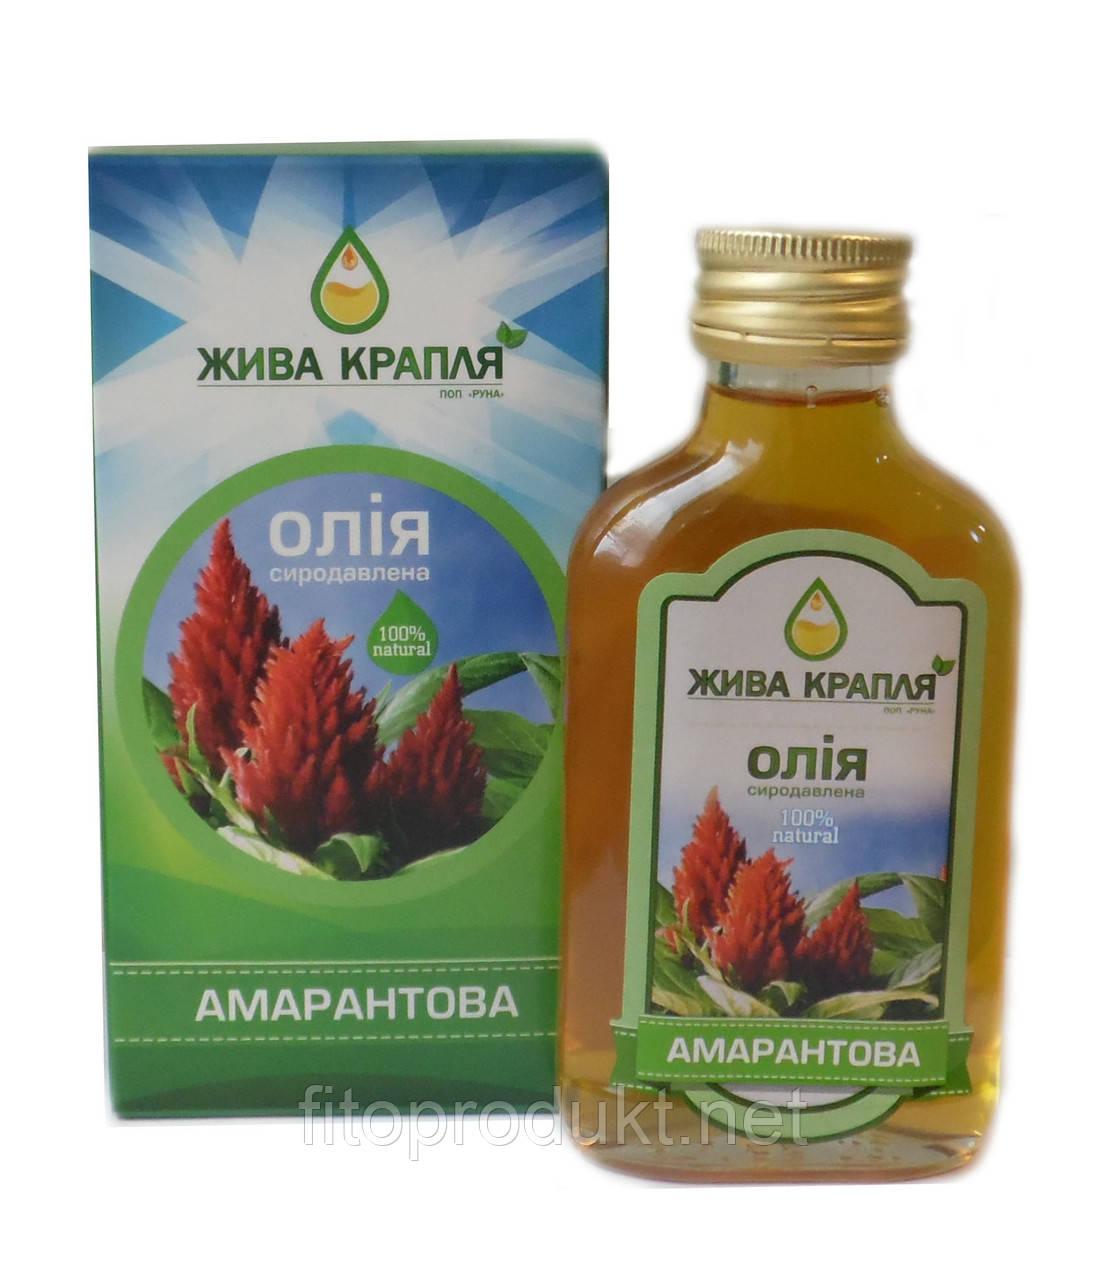 Использование амарантового масла для лица